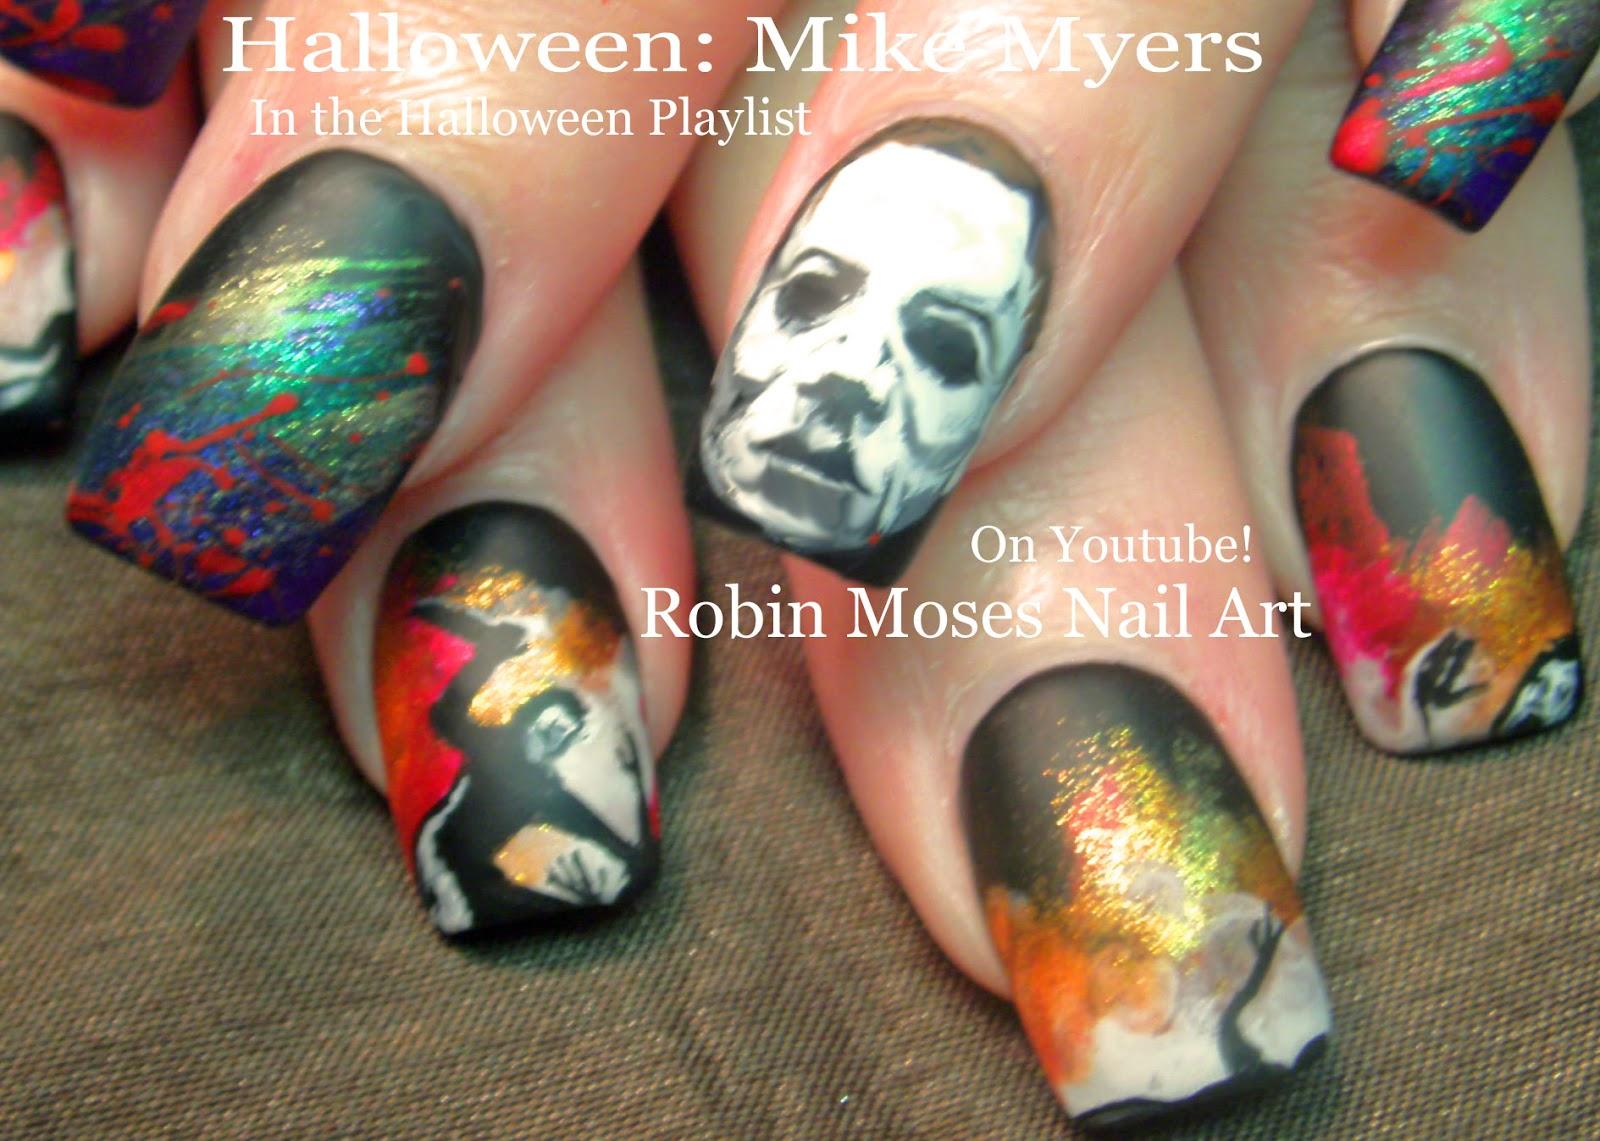 Robin Moses Nail Art: HALLOWEEN MIKE MYERS Nail Art ...